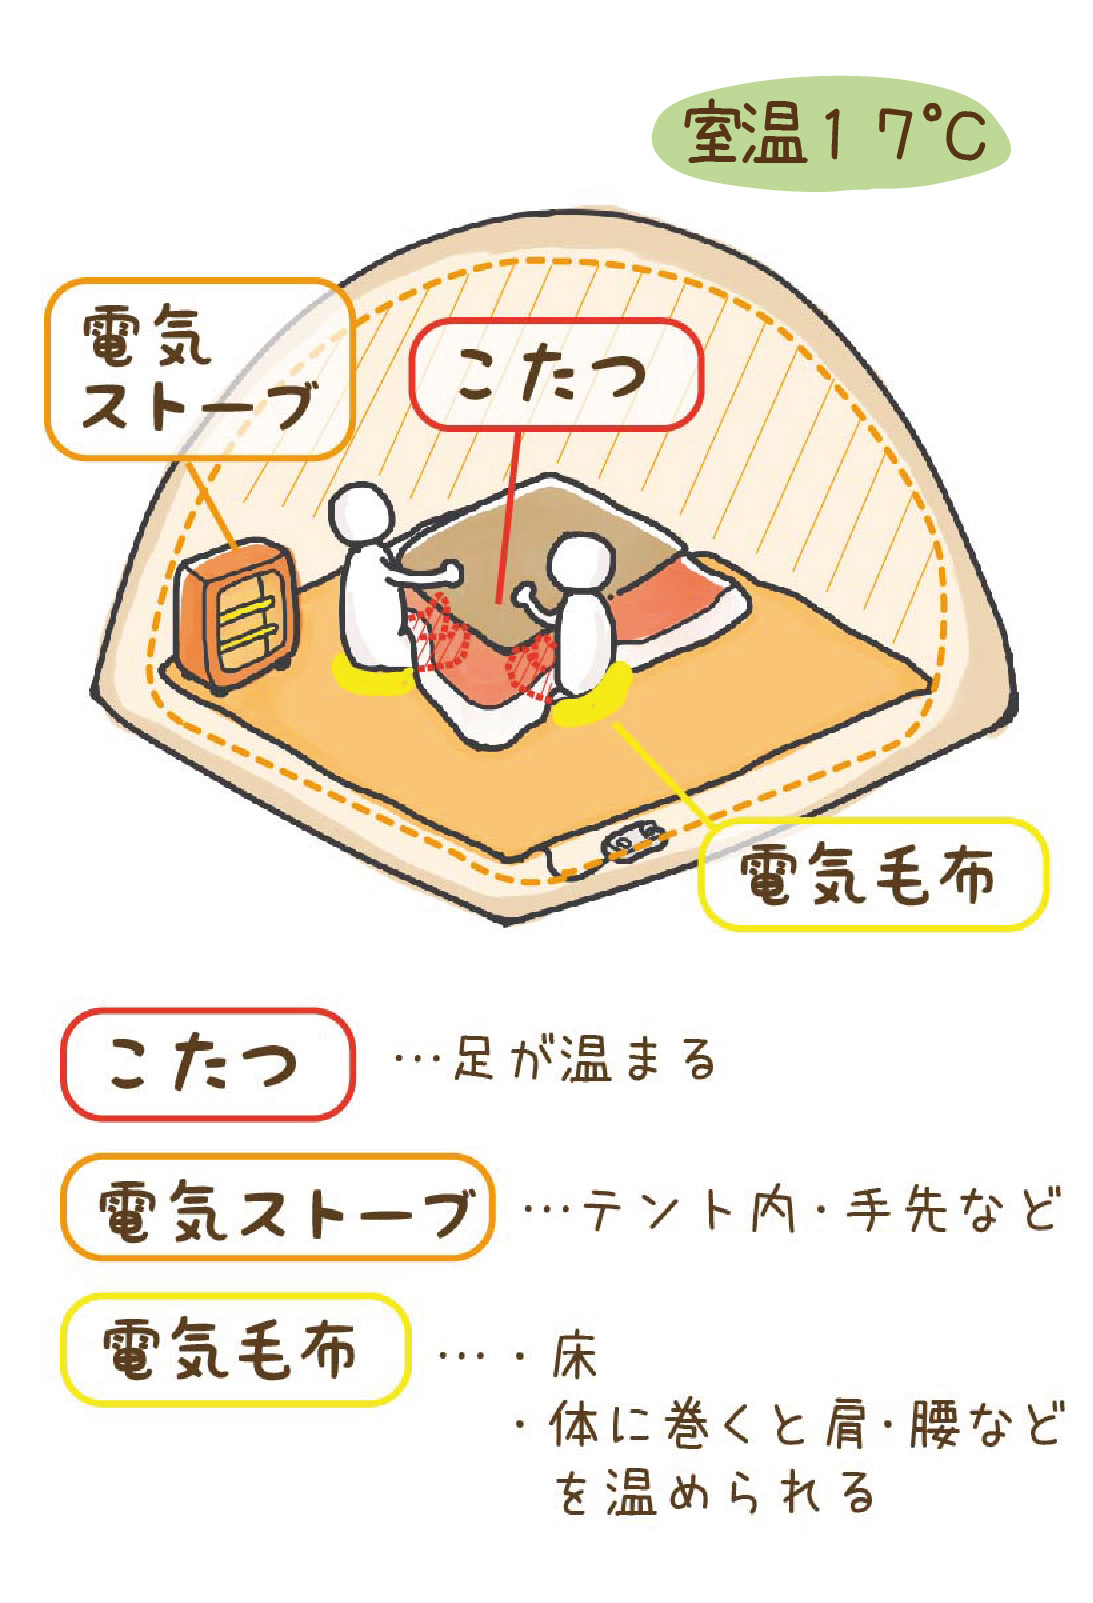 テントの中の様子の図解